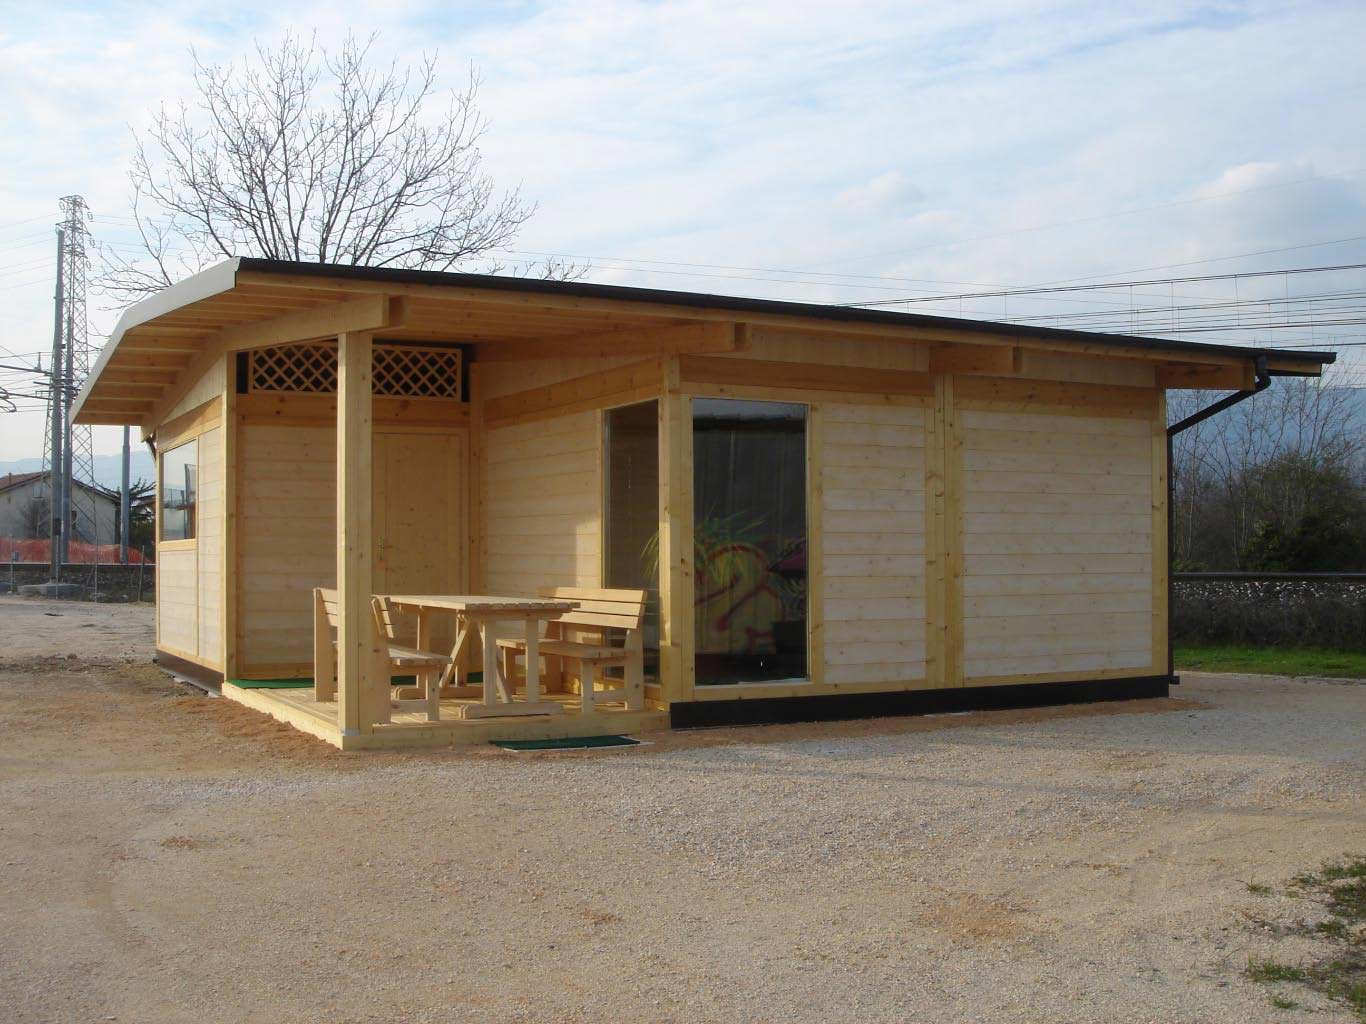 Tenere al caldo in casa costi per costruire casa prefabbricata - Casa in prefabbricato costo ...